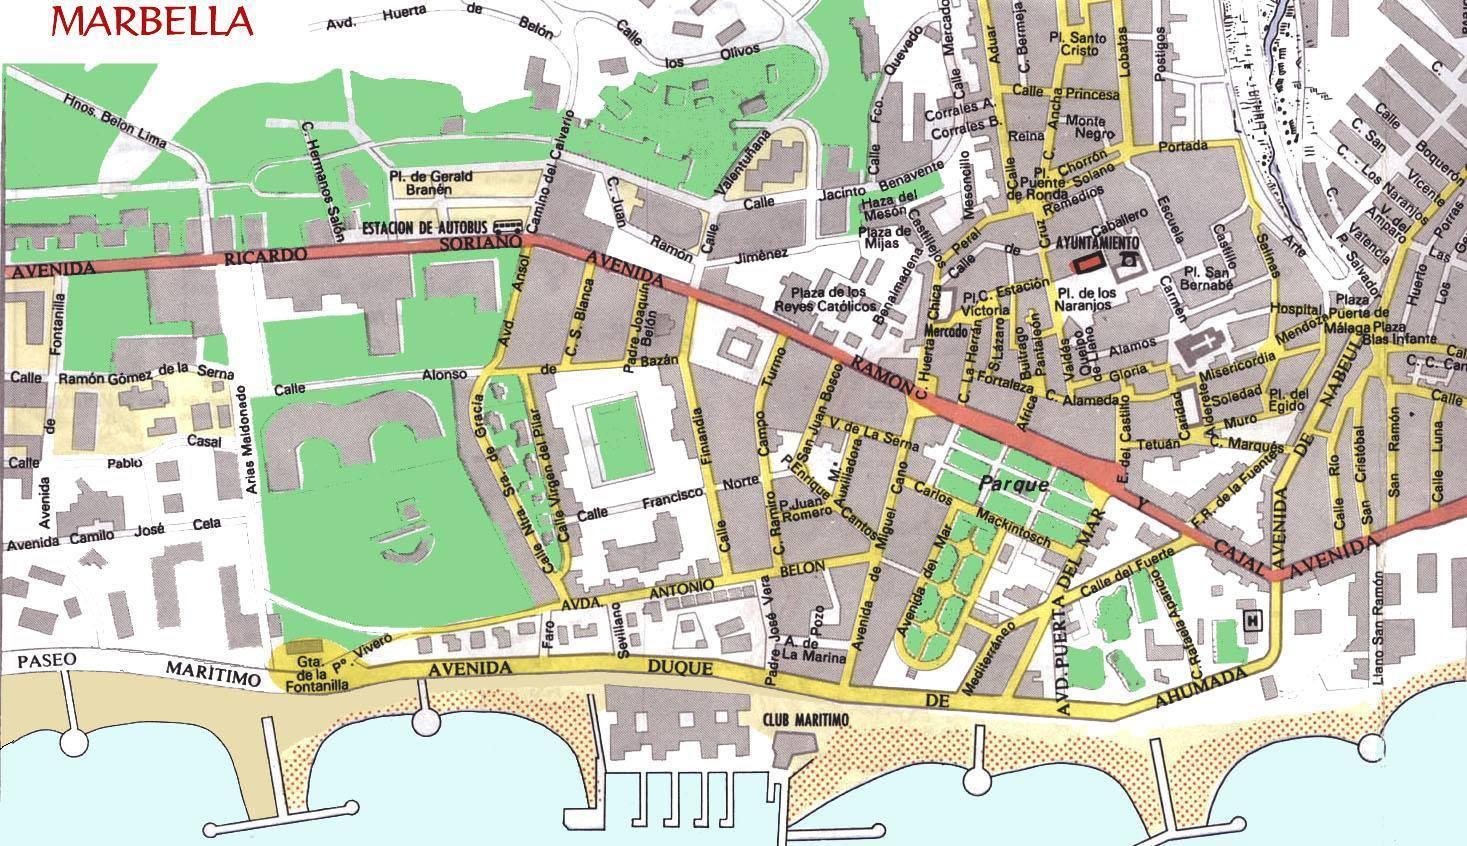 Cartina Spagna Marbella.Mappa Di Marbella Cartina Di Marbella